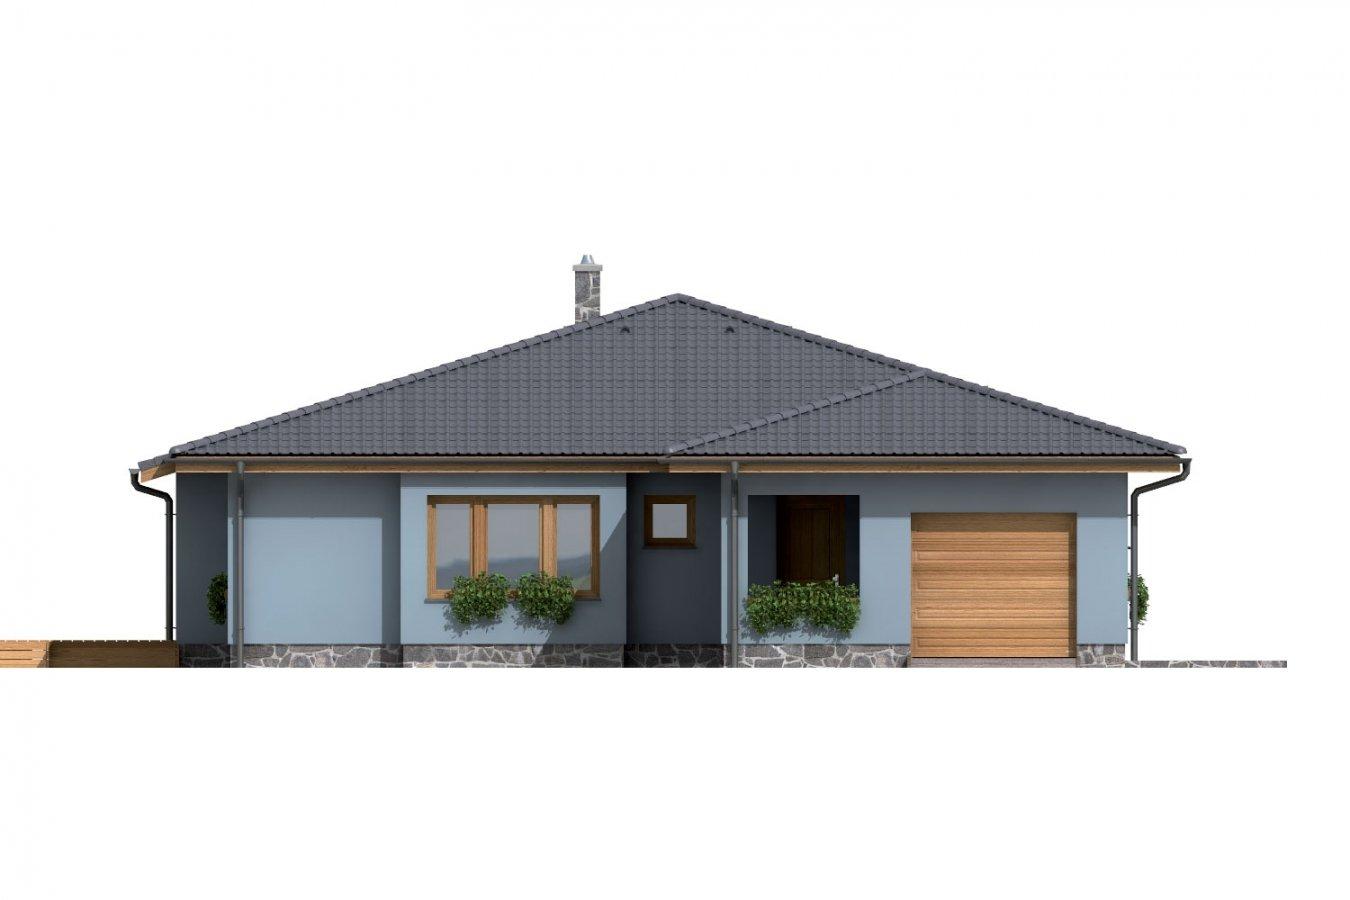 Pohľad 1. - Dom v tvare L s garážou a terasou.